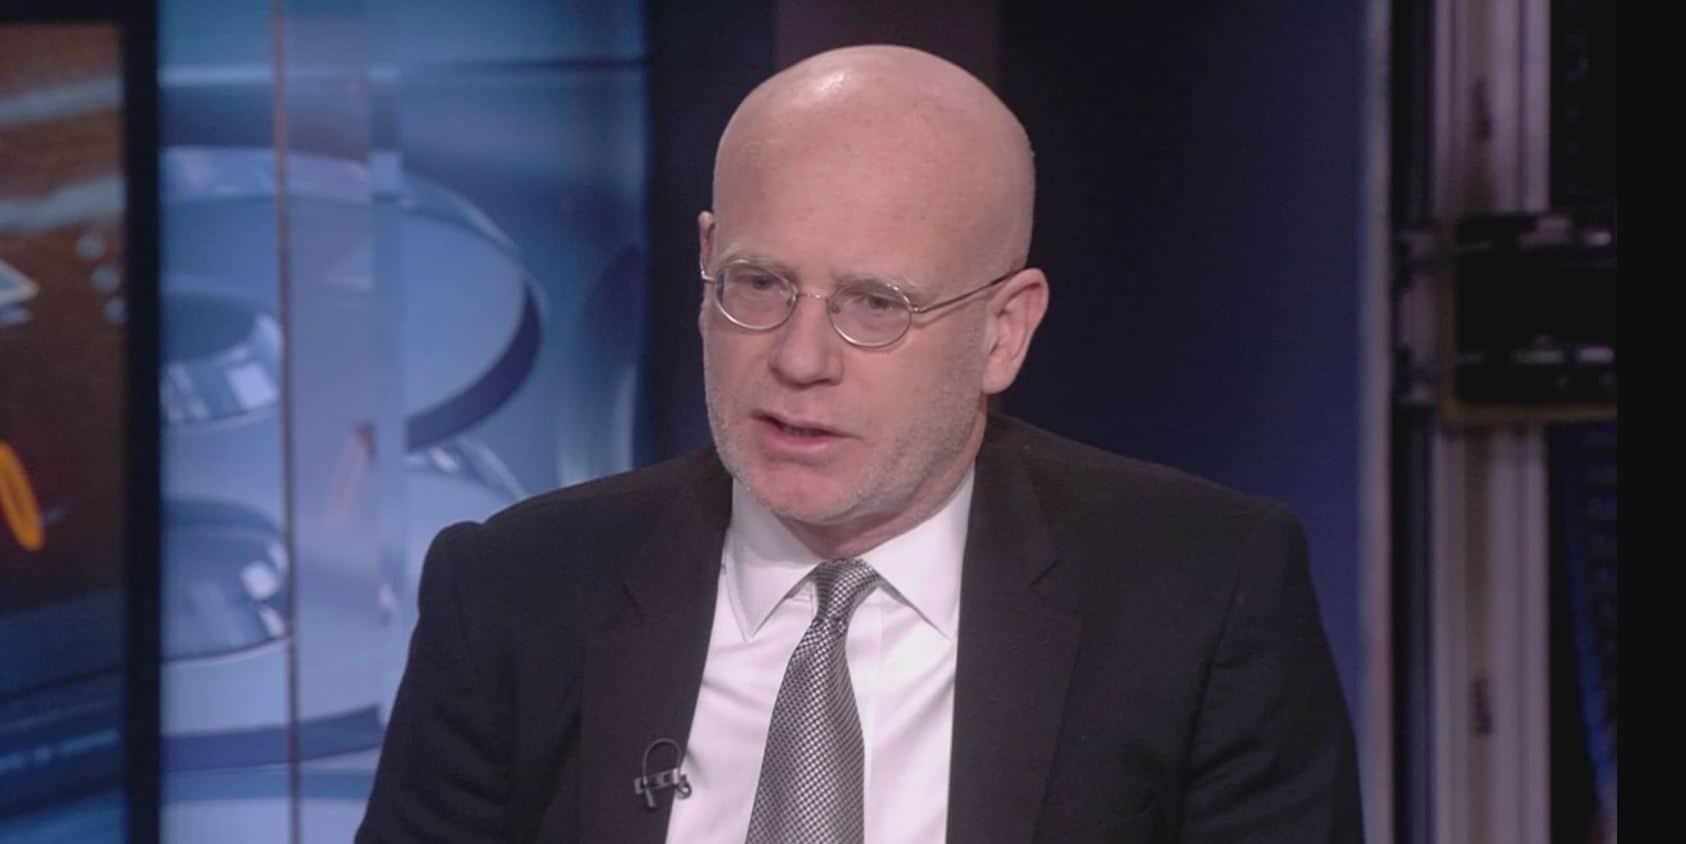 Opimas CEO Octavio Marenzi